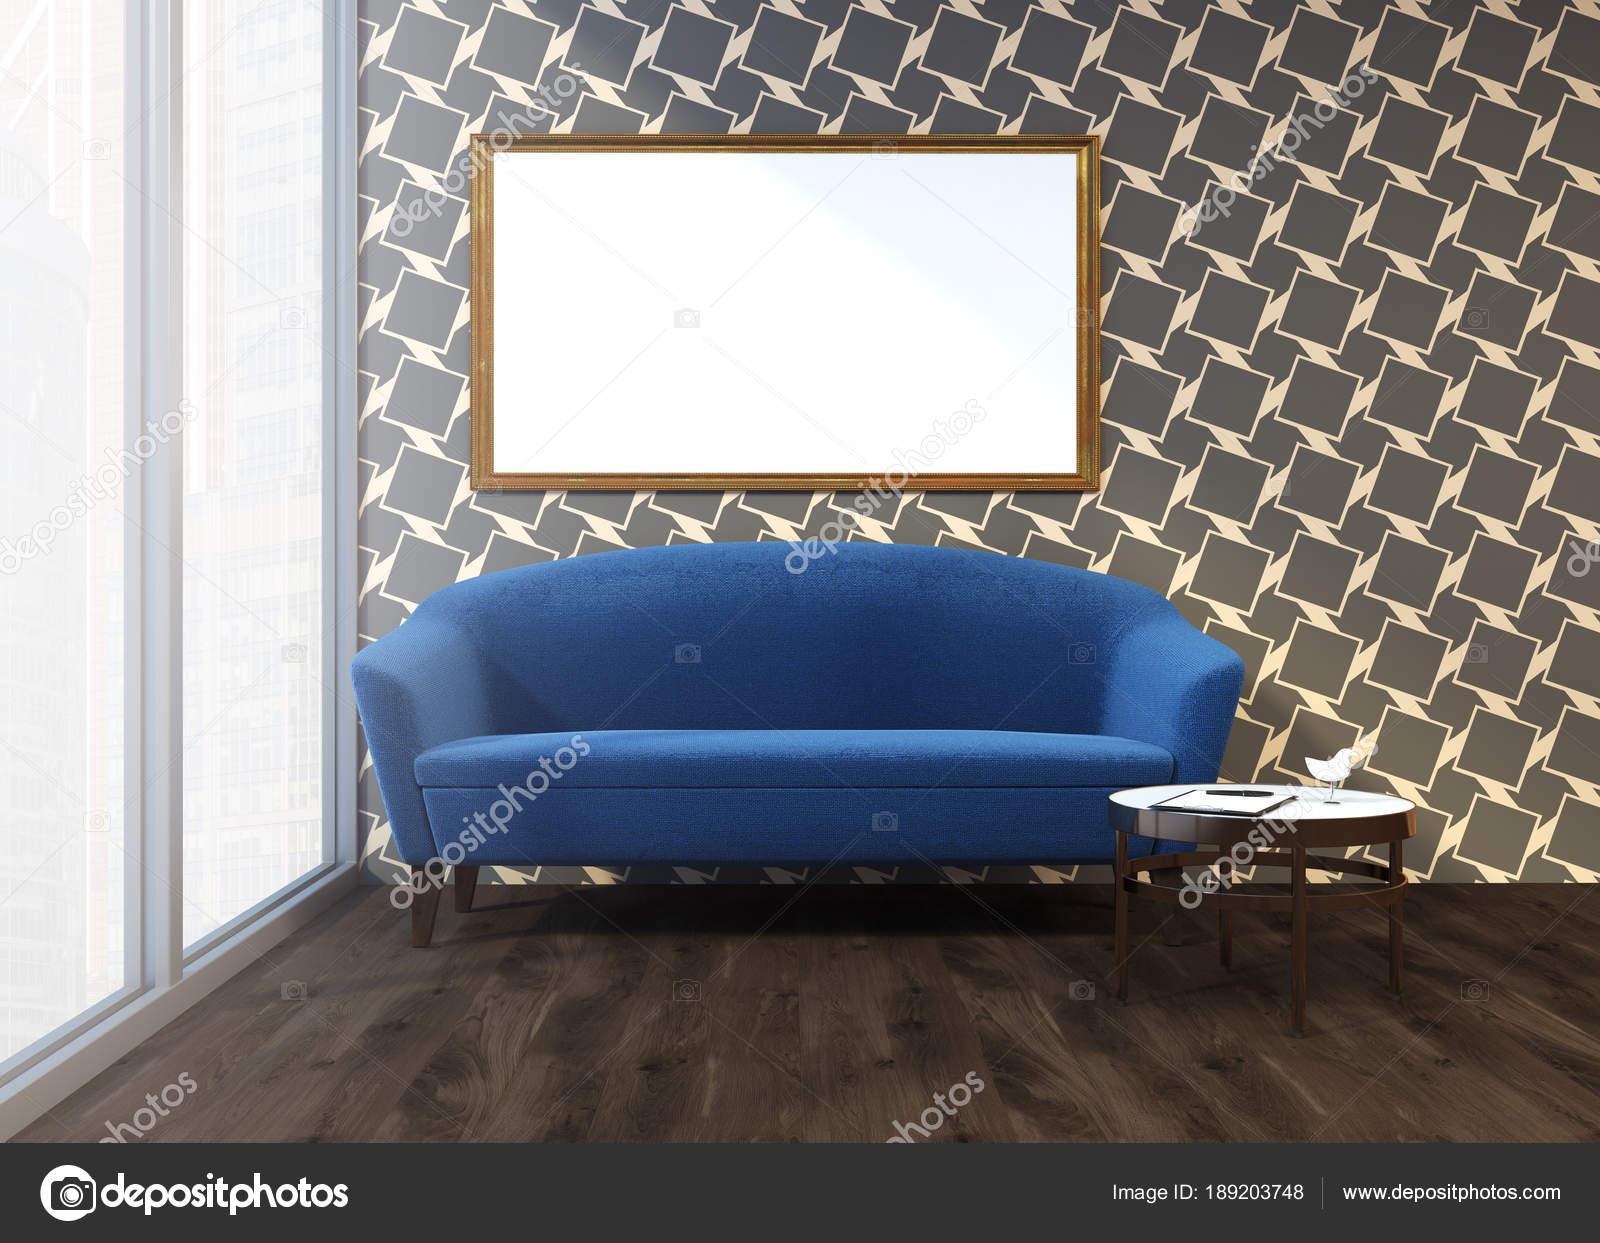 Gerahmte Bilder Wohnzimmer ~ Graue muster wohnzimmer blauen sofa gerahmte poster u stockfoto